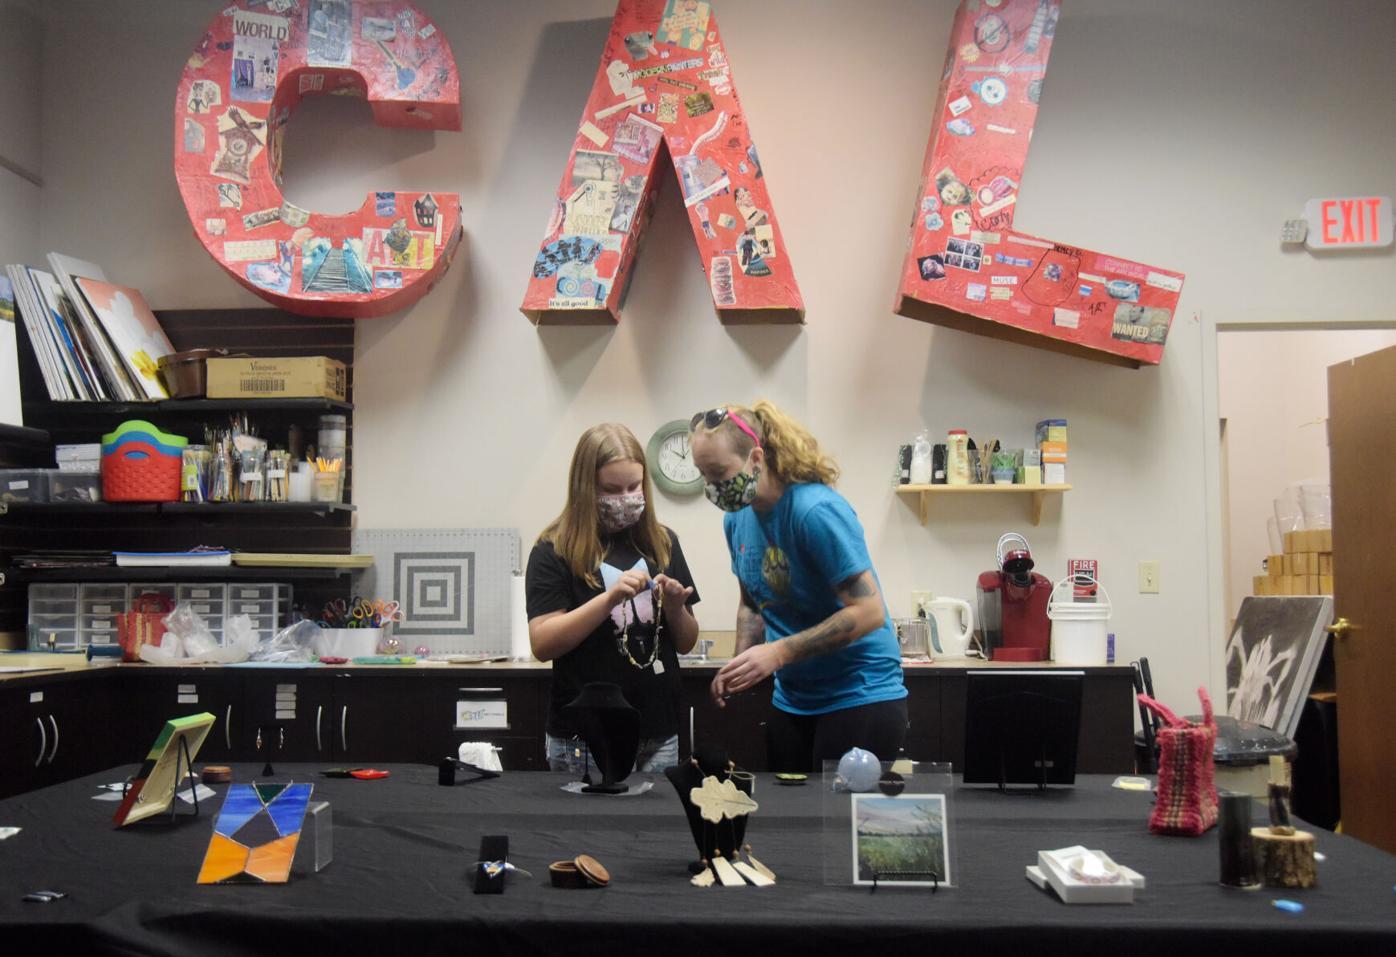 Leann Porrello helps Rebekah Fox pick out a piece of art